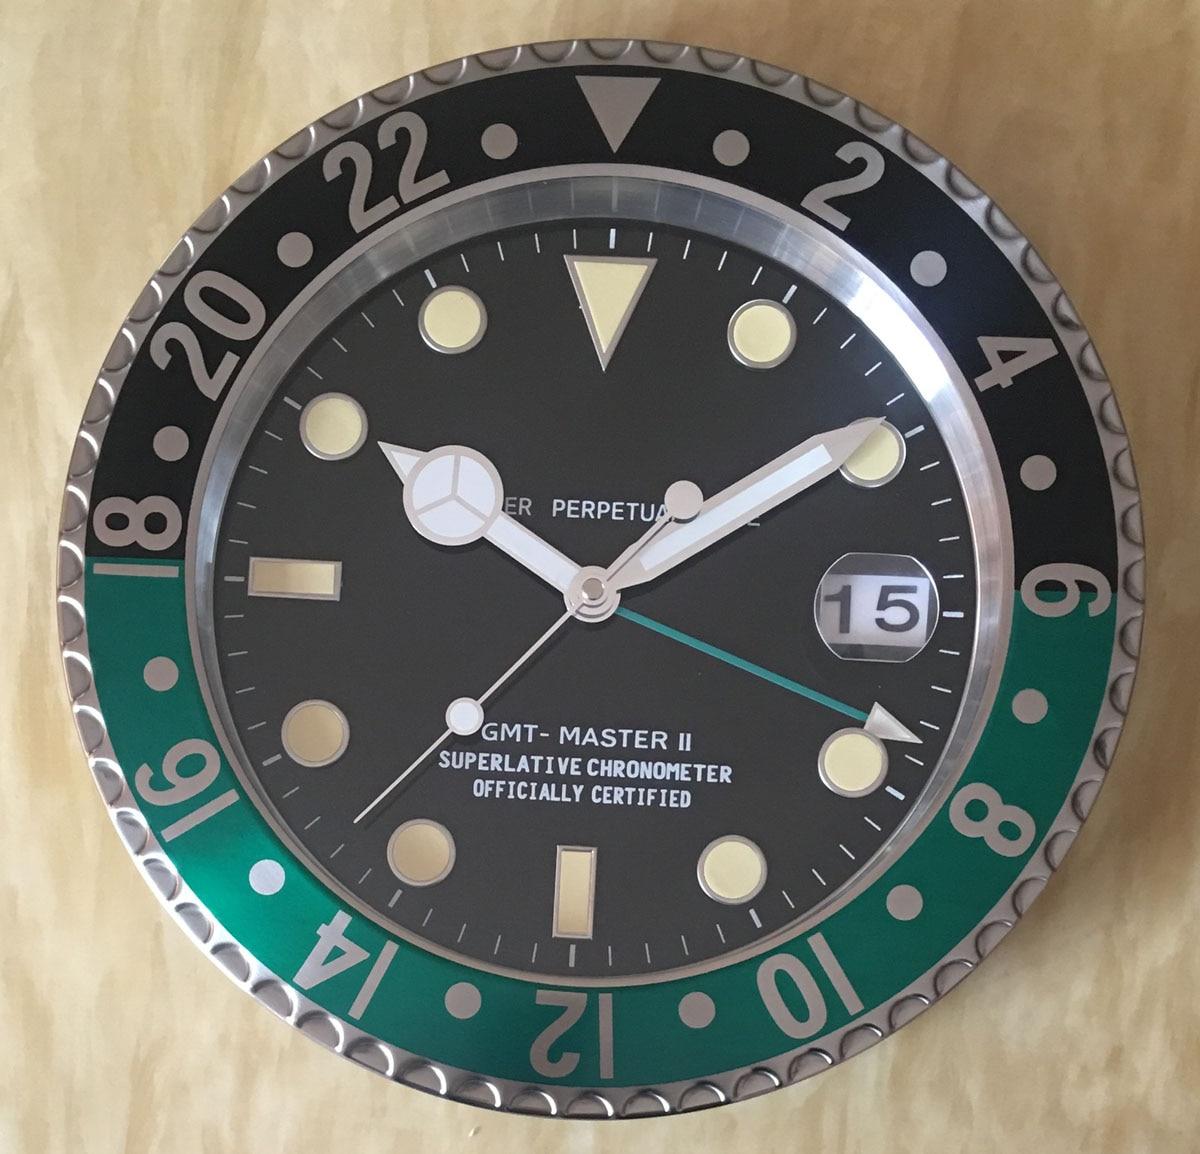 S & F Met Vergrootglas Retail Metalen Horloge Vorm Wandklok met Kalender Luxe Klok op De Muur - 5